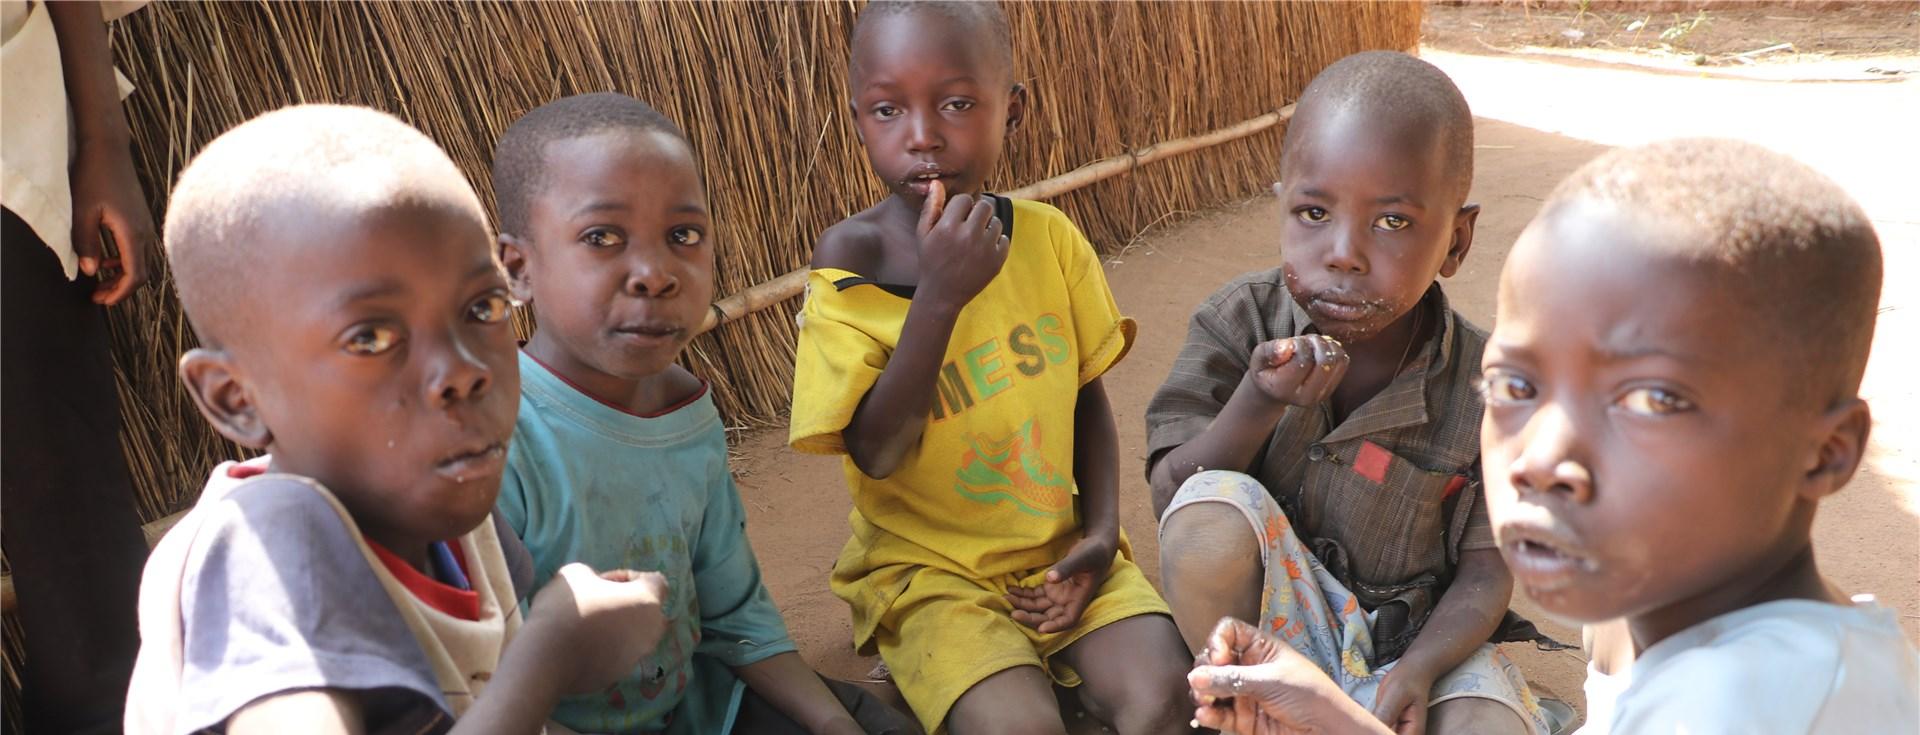 Kinder brauchen Lebensmittel